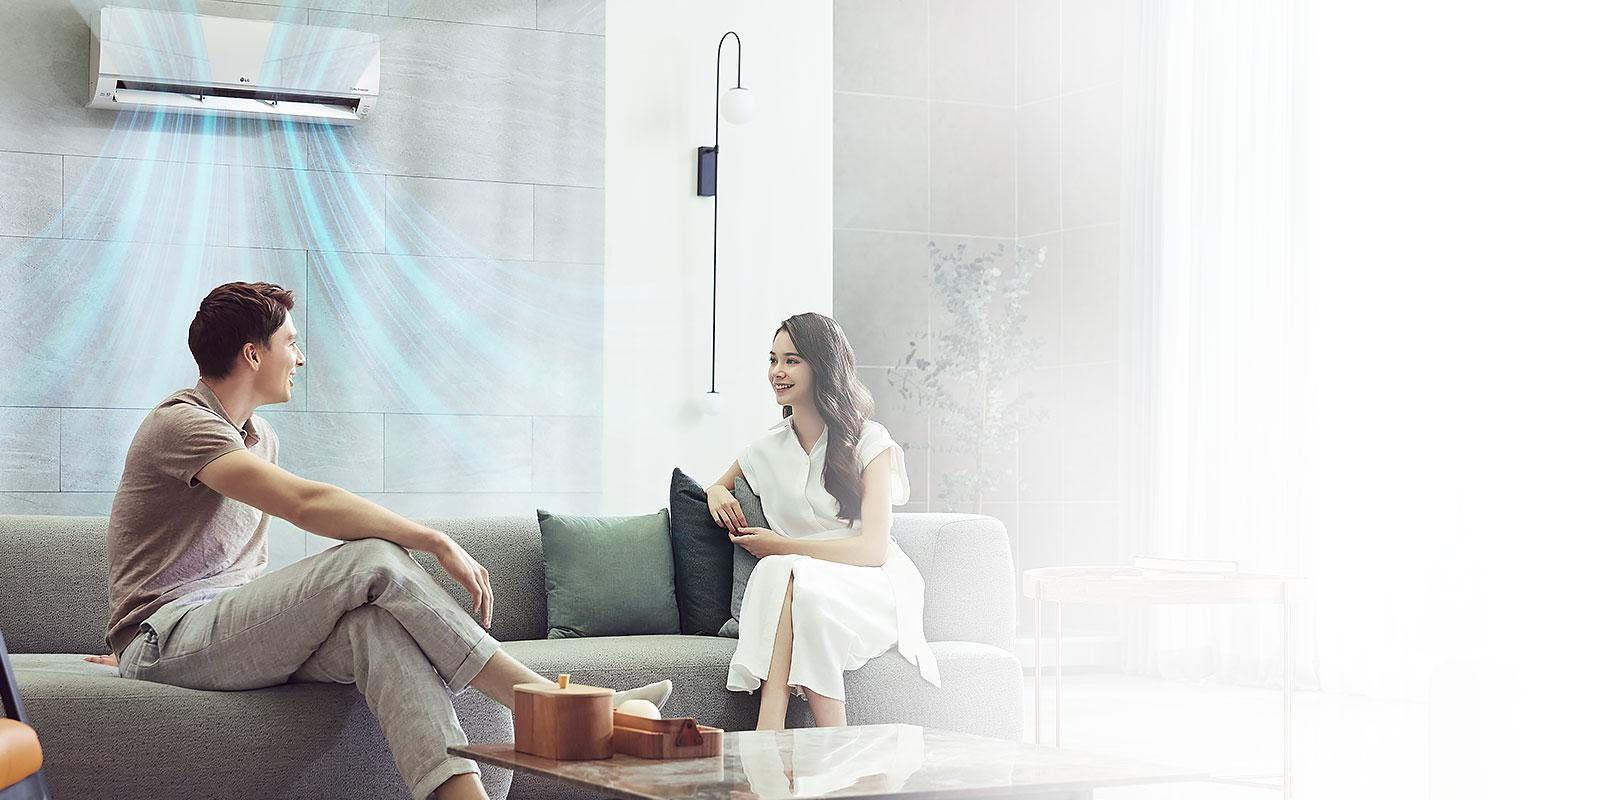 LG MS-Q24HNXA 4way swing